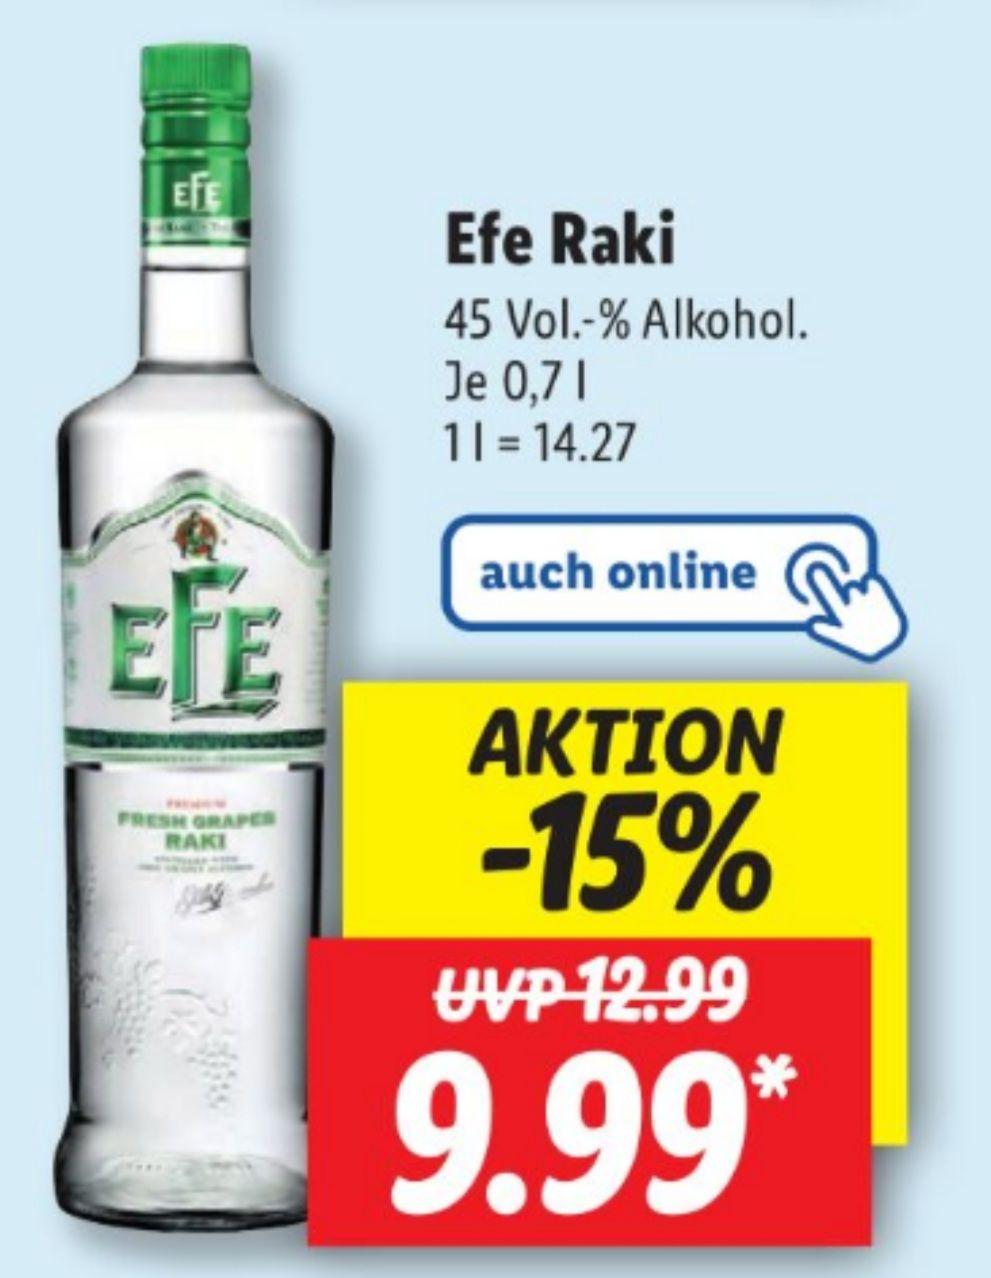 Efe Raki 45% 0,7 l für 9,99€ statt 12,99€ UND Berentzen Liköre 15-18% für 4,49 statt 6,79€ ab 06.05 Lidl